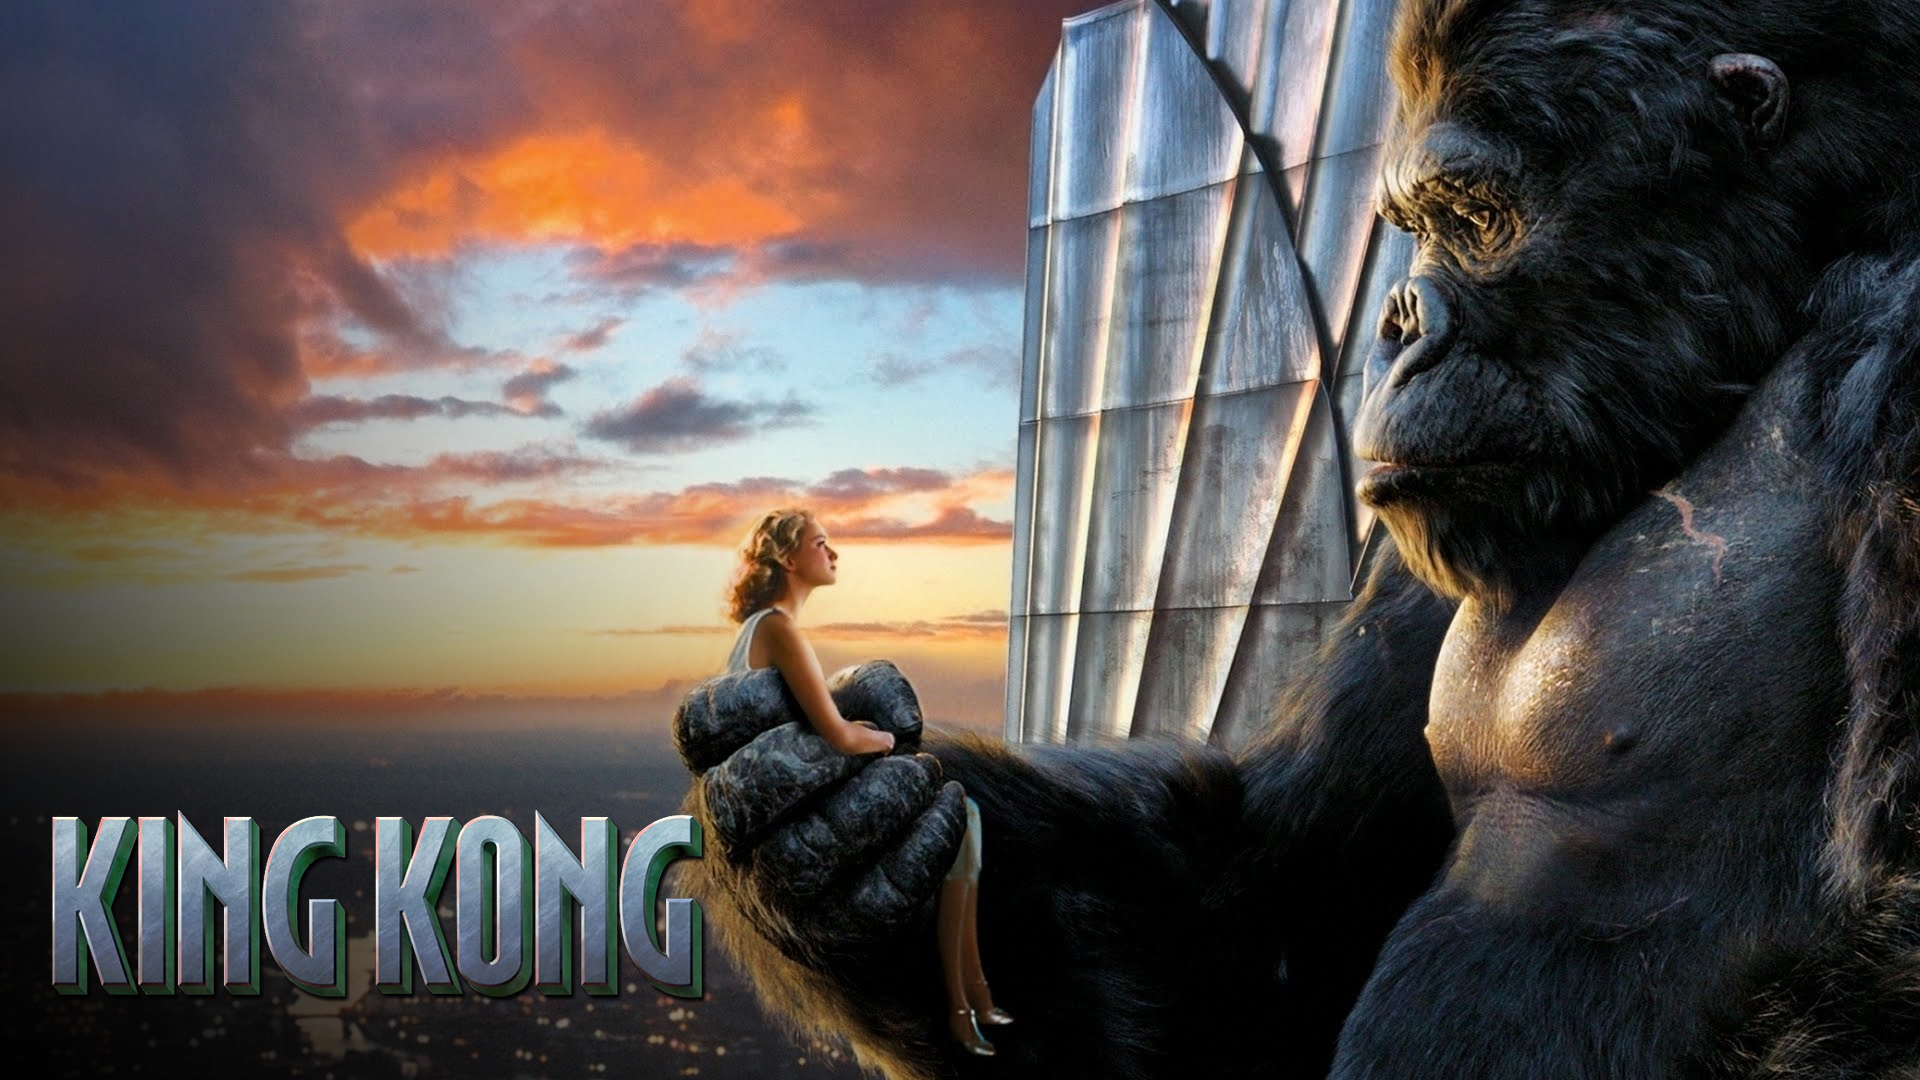 King Kong 2005 Review